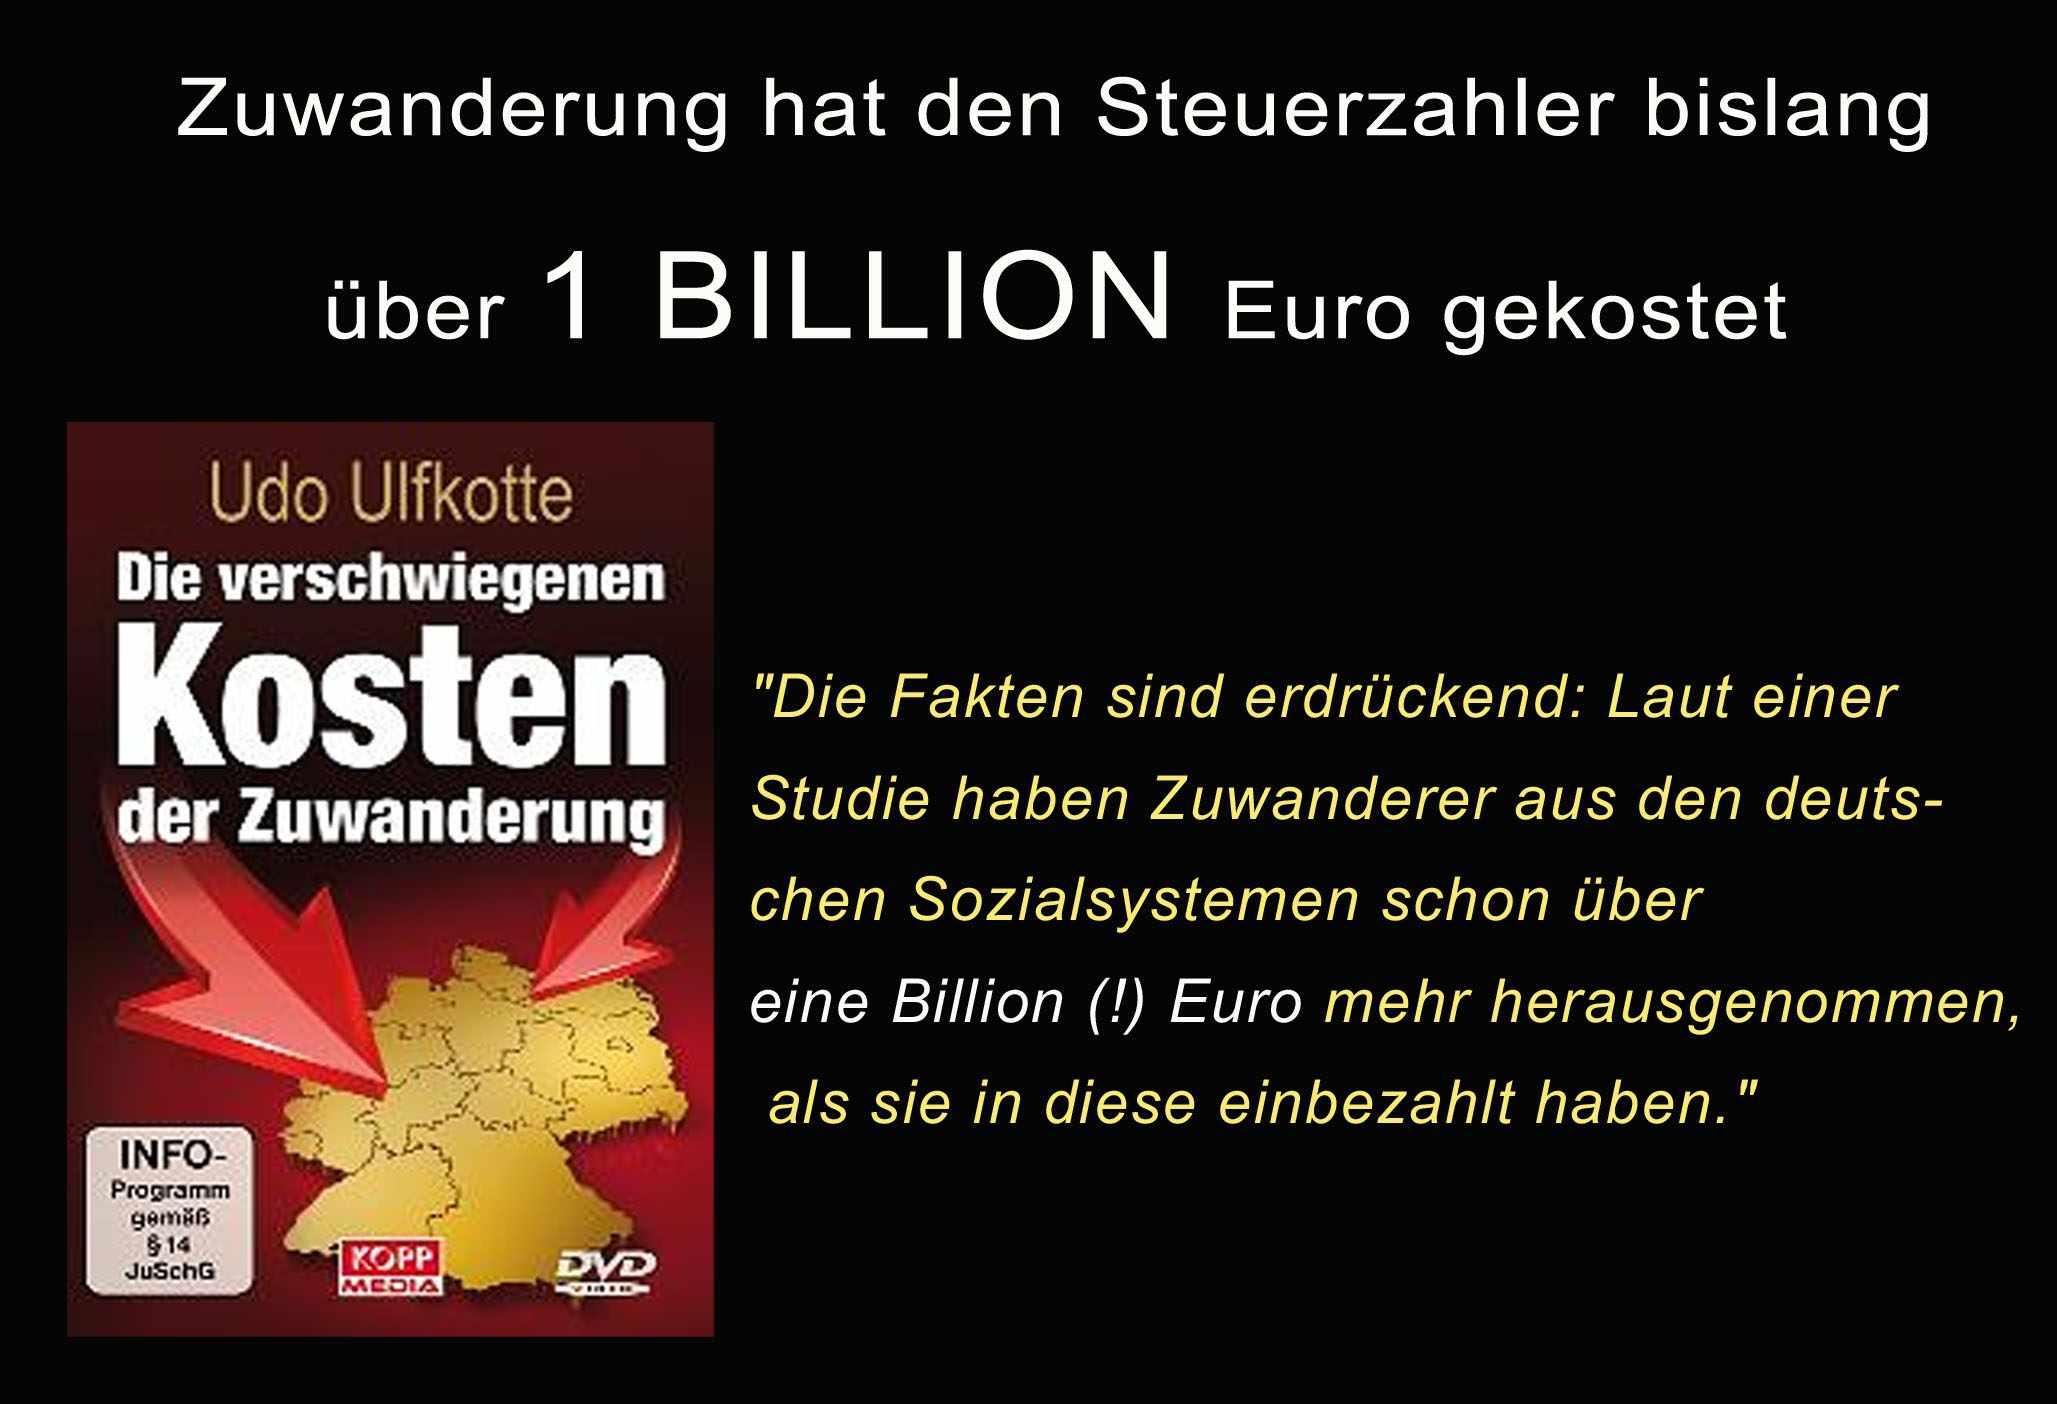 http://michael-mannheimer.net/wp-content/uploads/2012/01/Migrationskosten-011.jpg